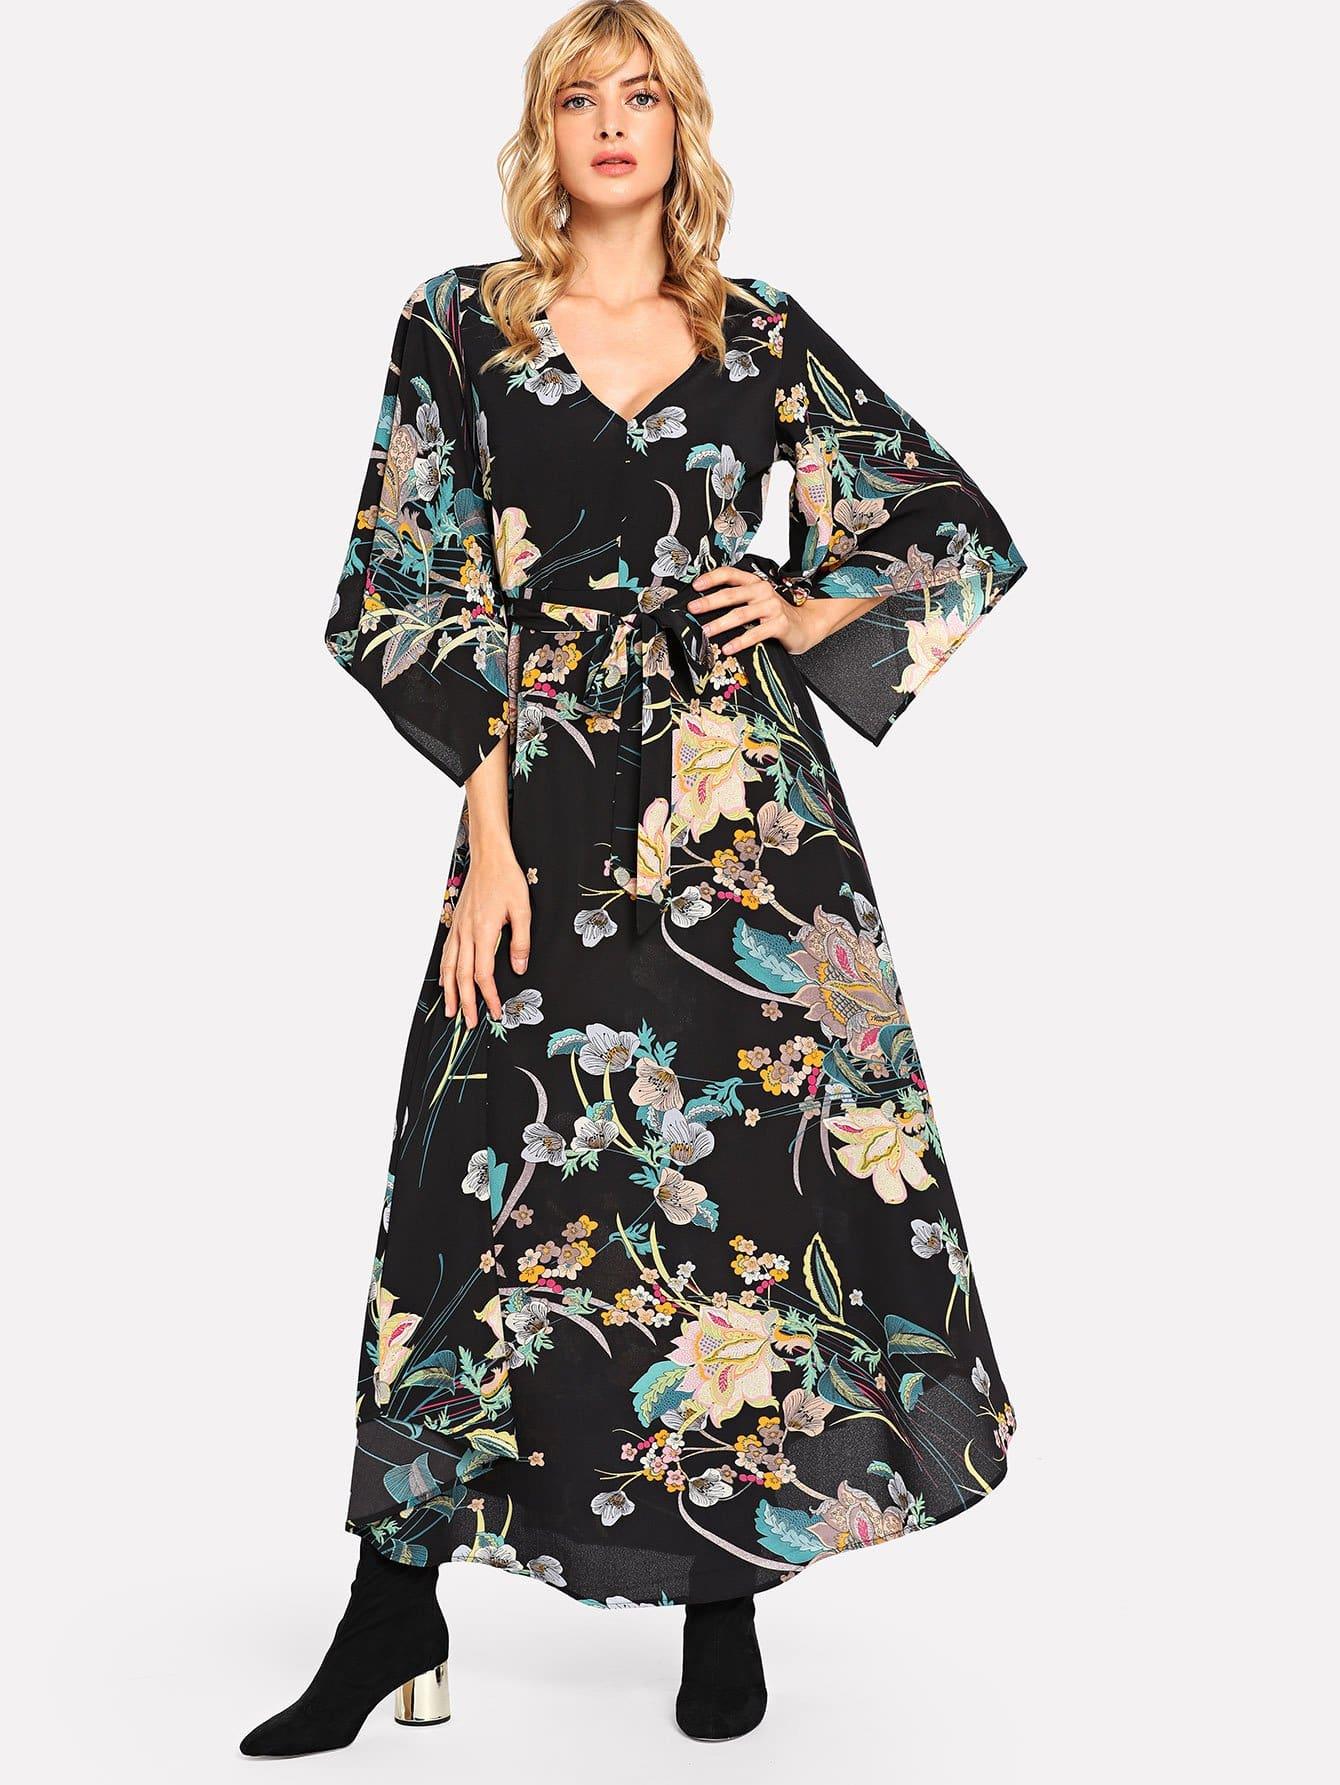 Купить Платье для ботанического плаката с трубой, Masha, SheIn